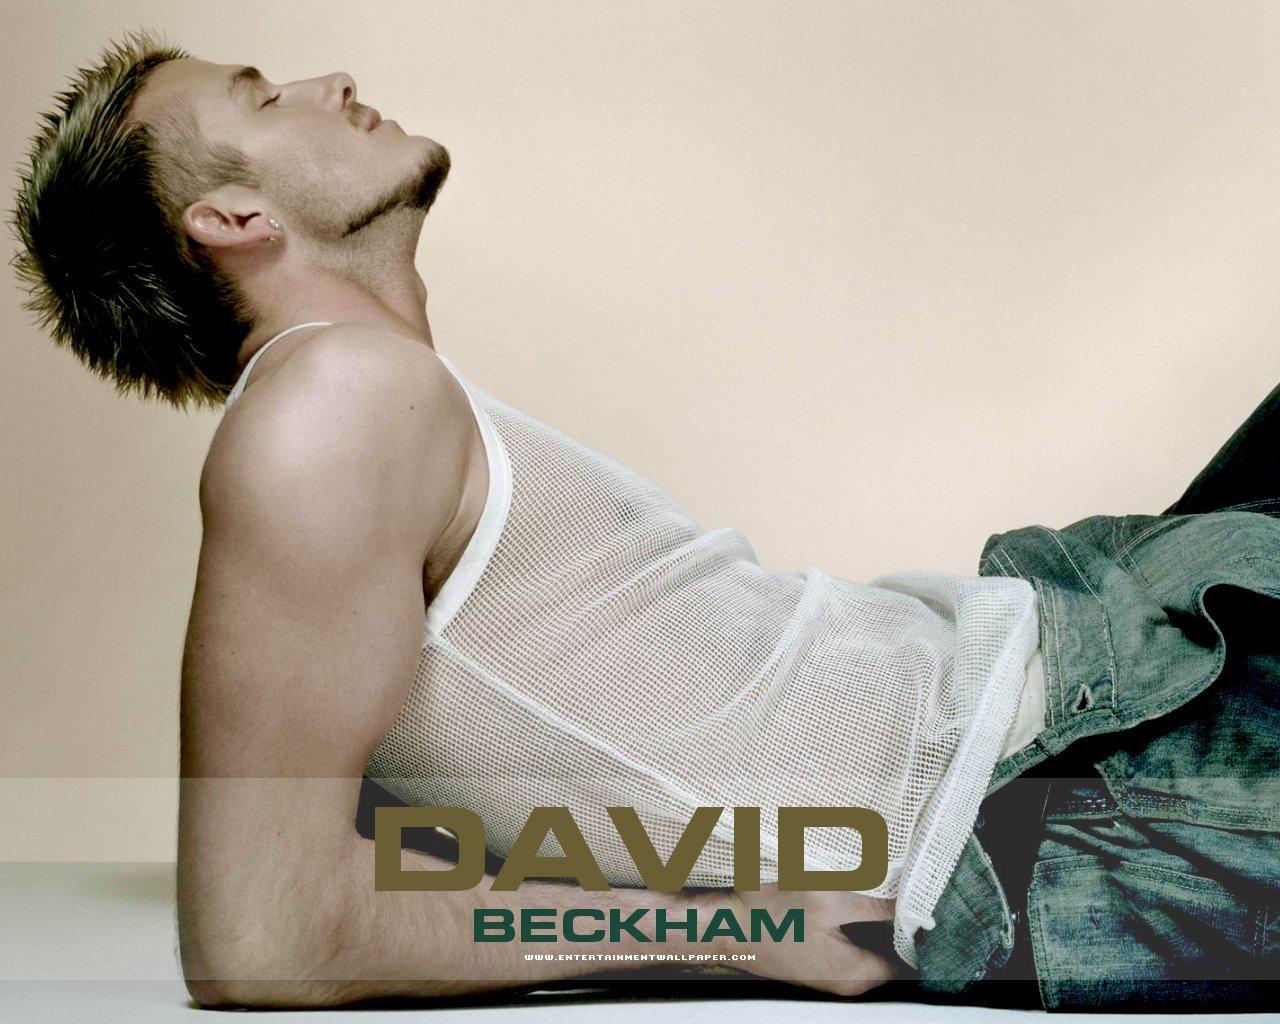 http://3.bp.blogspot.com/-ejftUz0Cn04/TcrDLVlVEmI/AAAAAAAAAag/OmXsbGNYoPY/s1600/David-Beckham-Hot-Wallpapers-.jpg